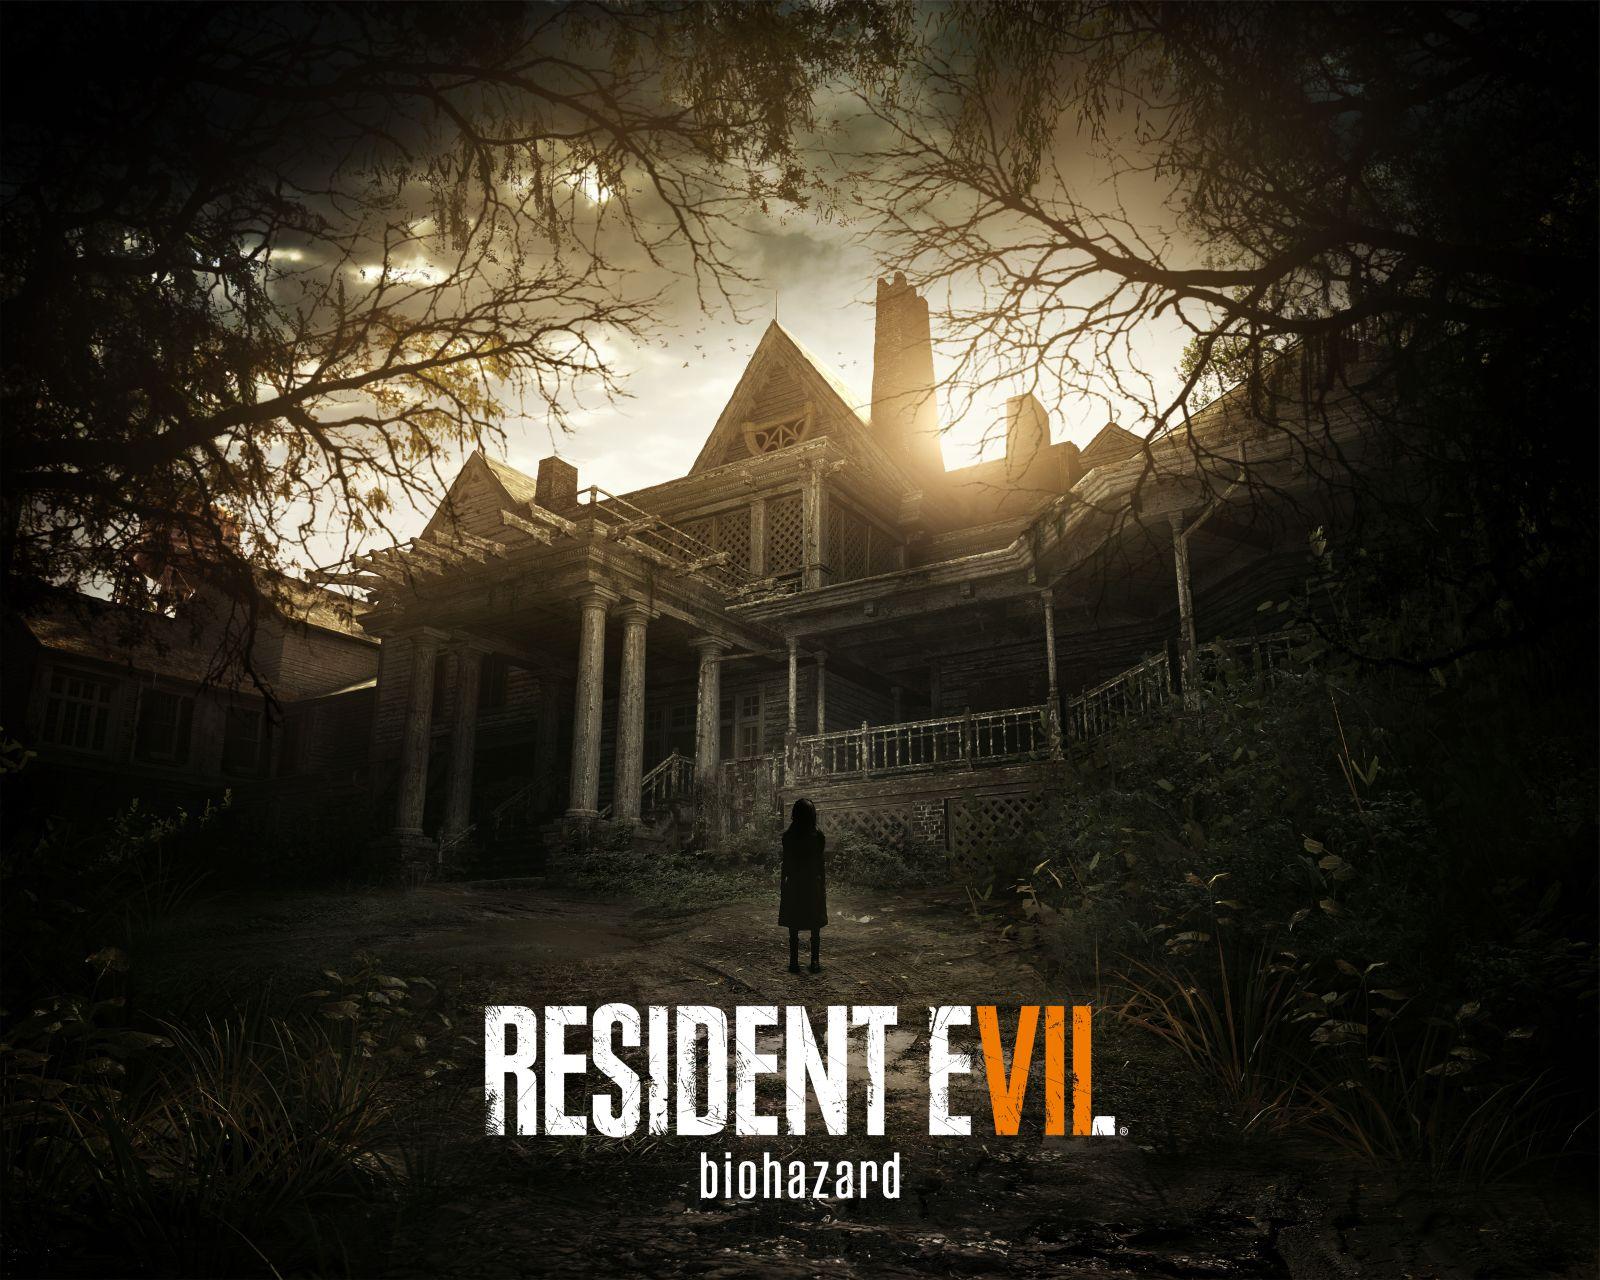 Resident Evil 7 Biohazard (Steam) OFFLINE ACTIVATION